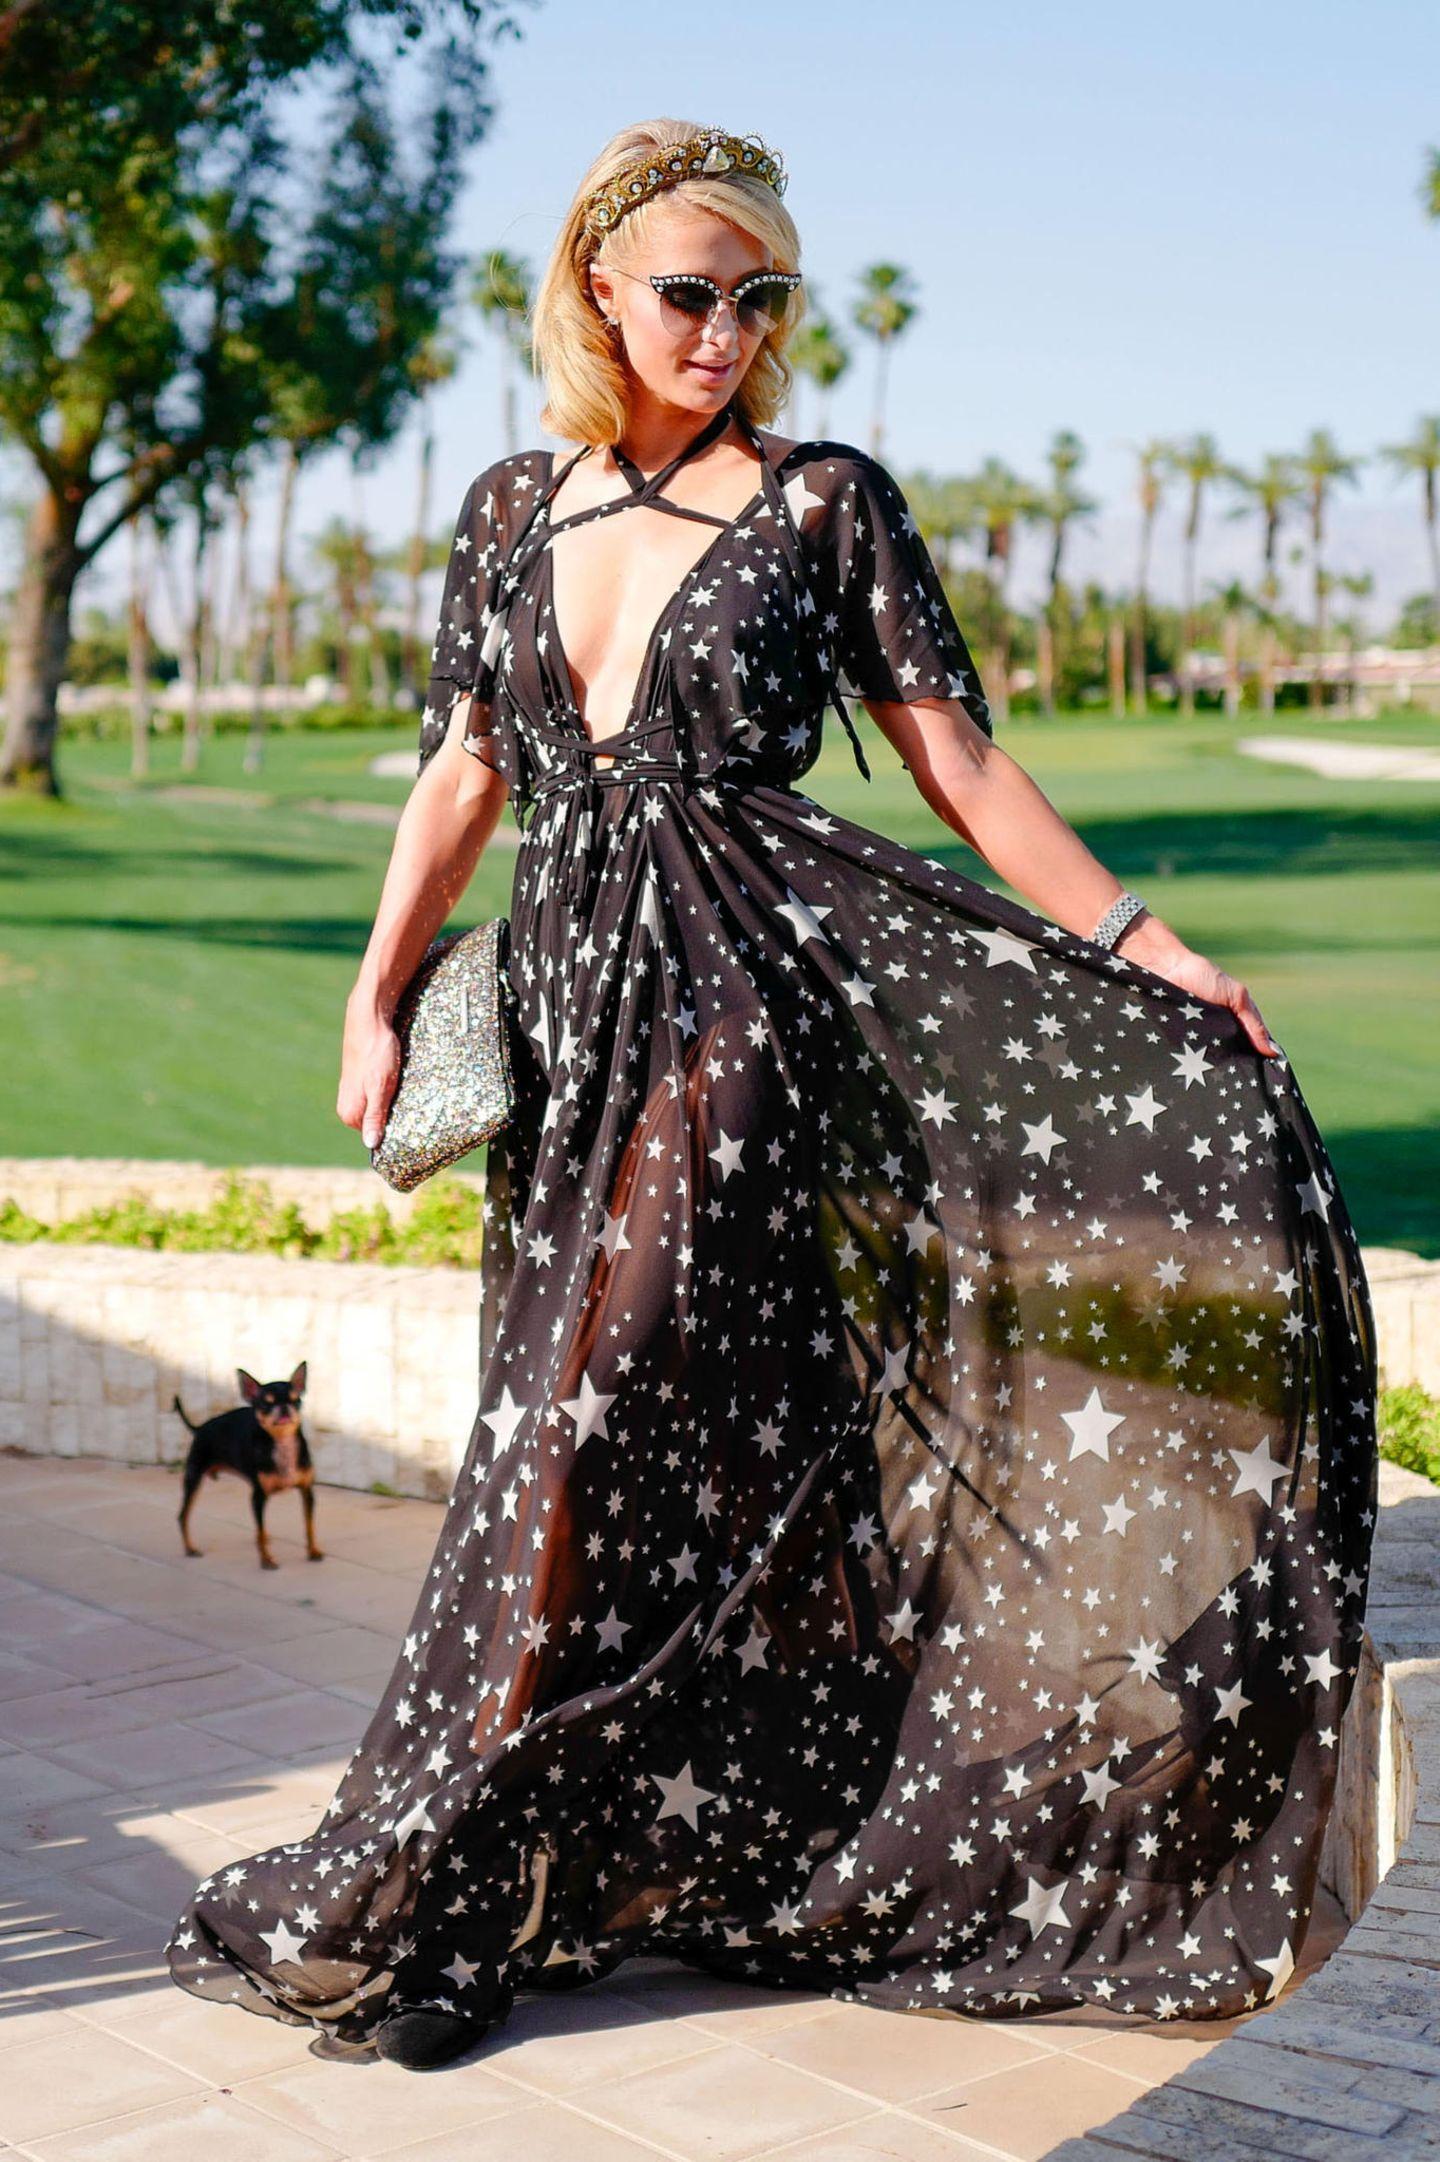 Paris Hilton zeigt auch auf dem diesjährigen Coachella-Festival ihre Vorliebe für romantisch-verspielte Maxikleider.